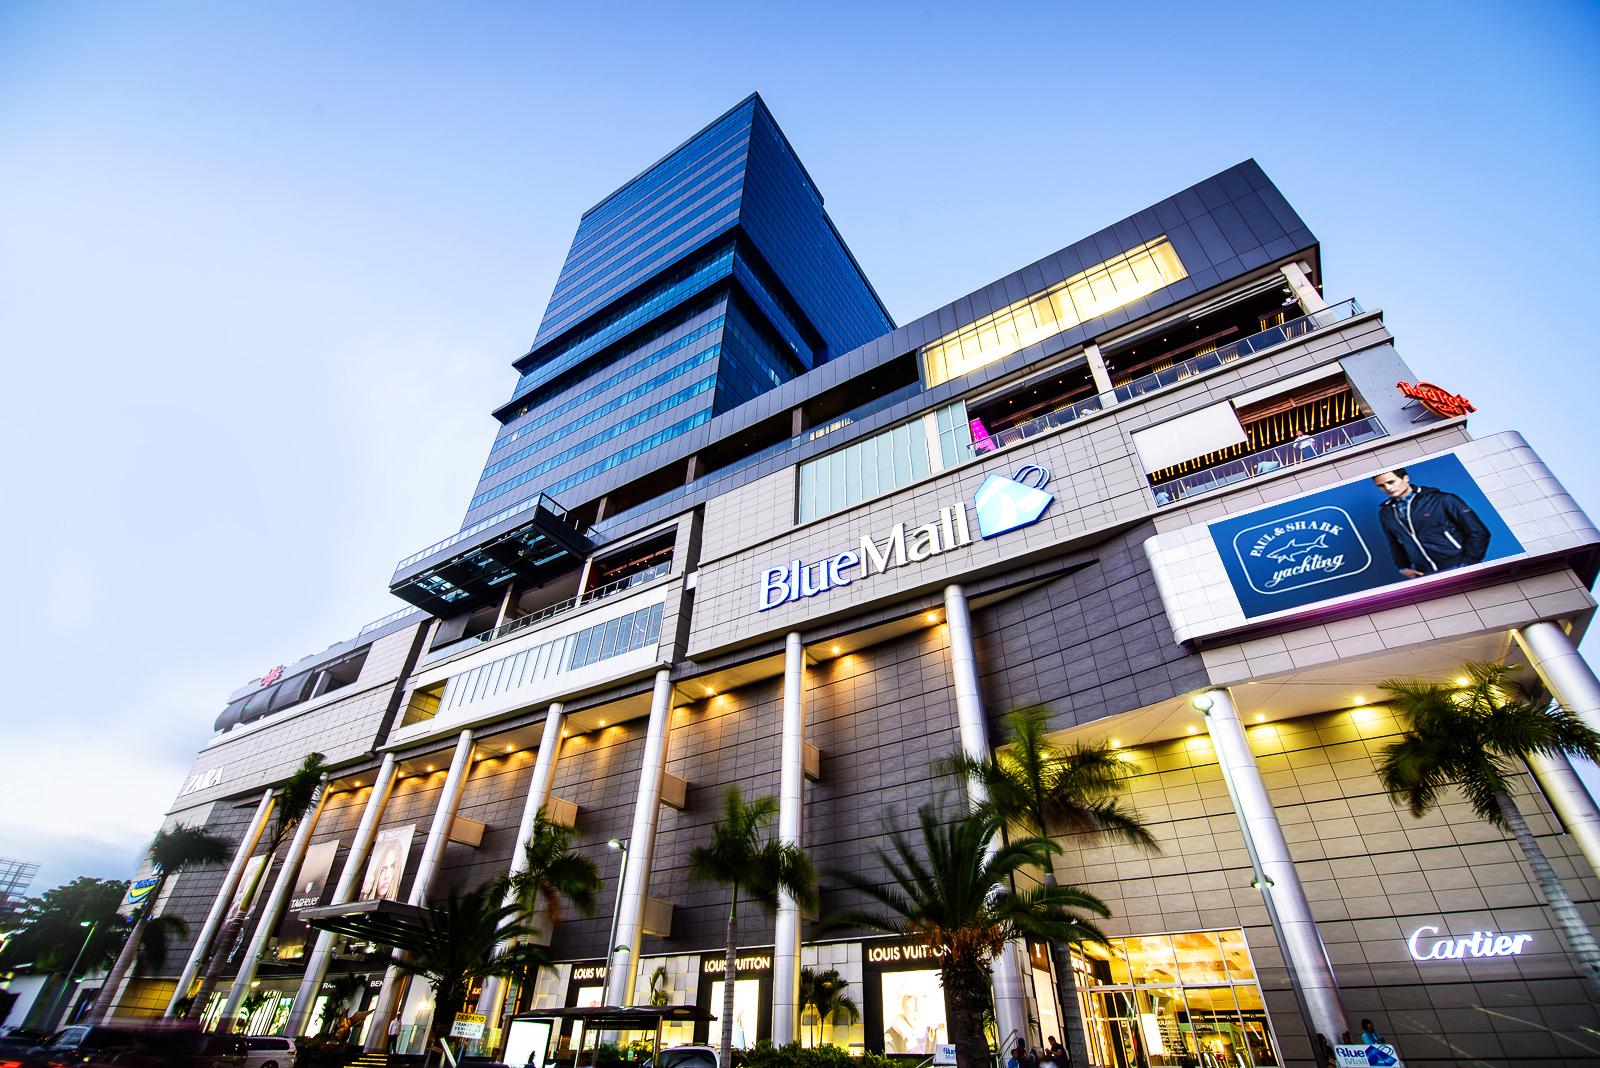 Santo Domingo quiere acaparar el turismo de convenciones